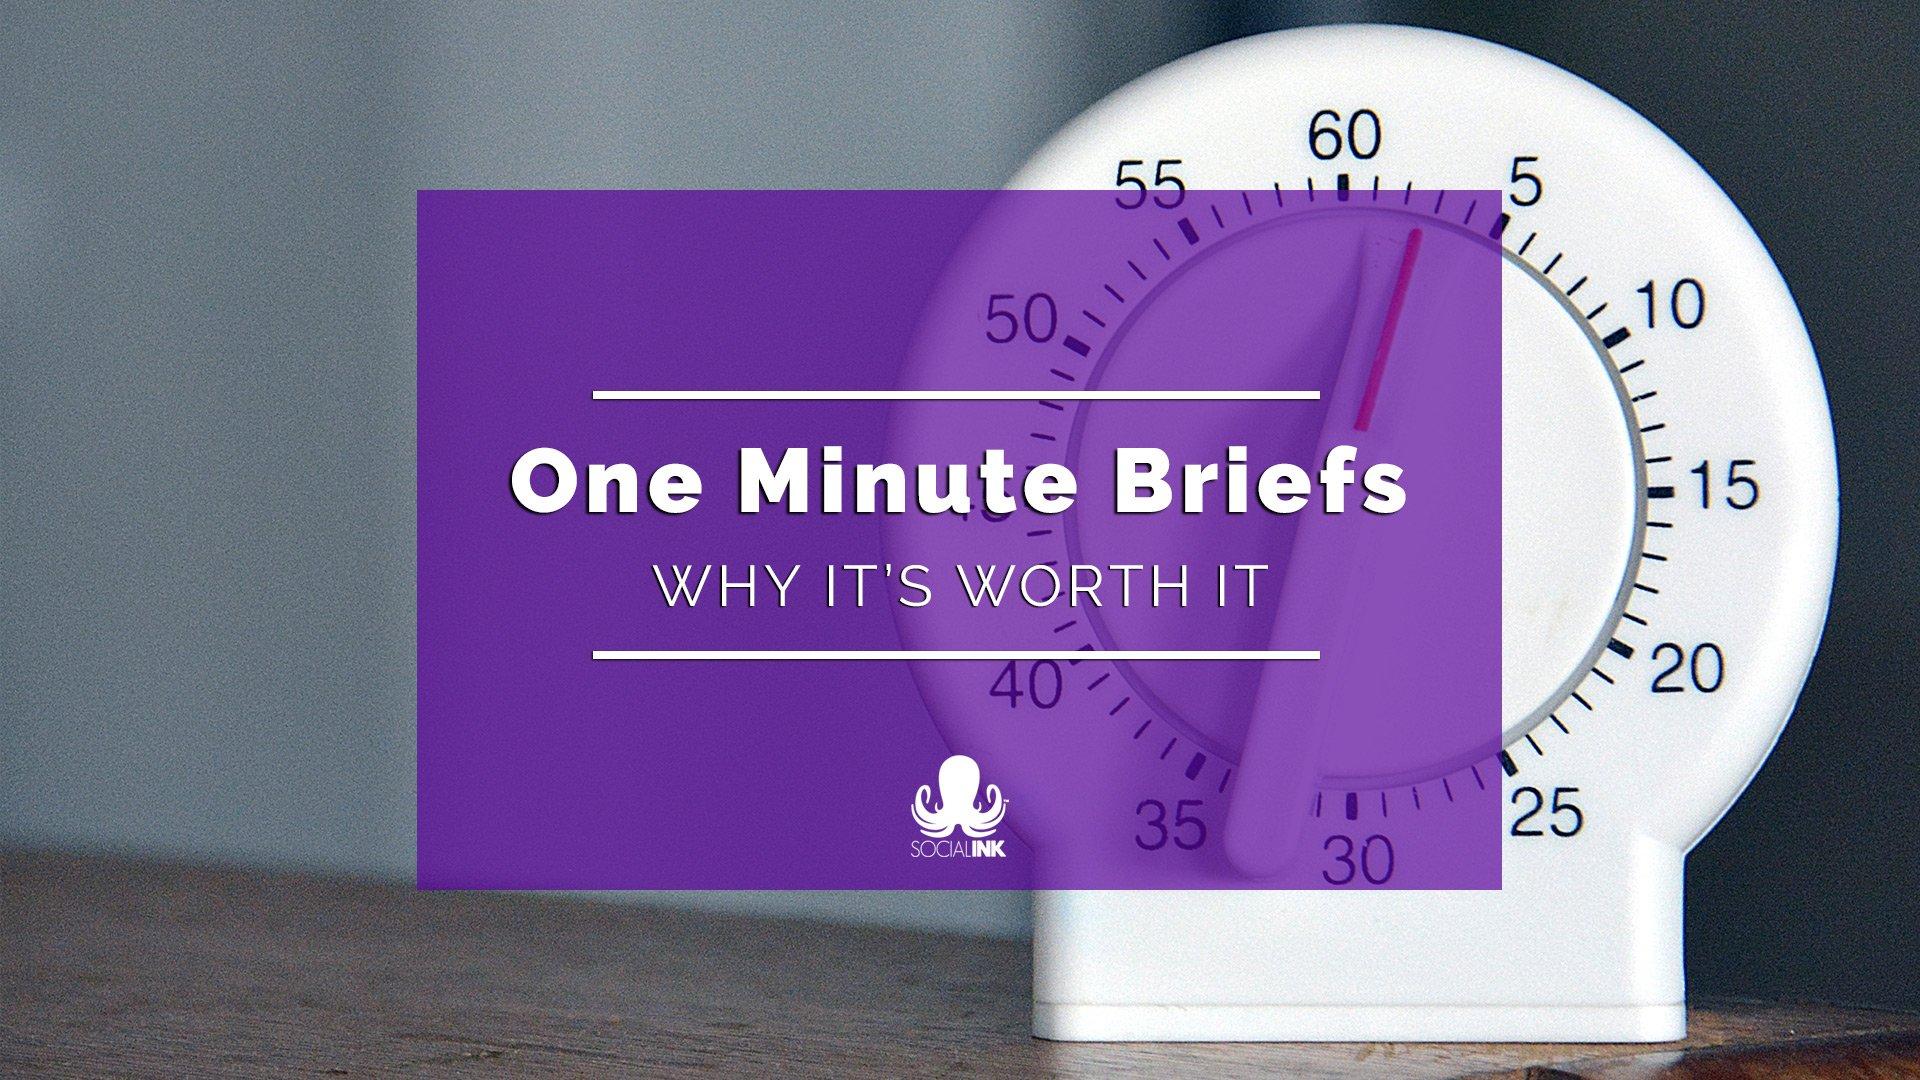 One Minute Briefs Benefits